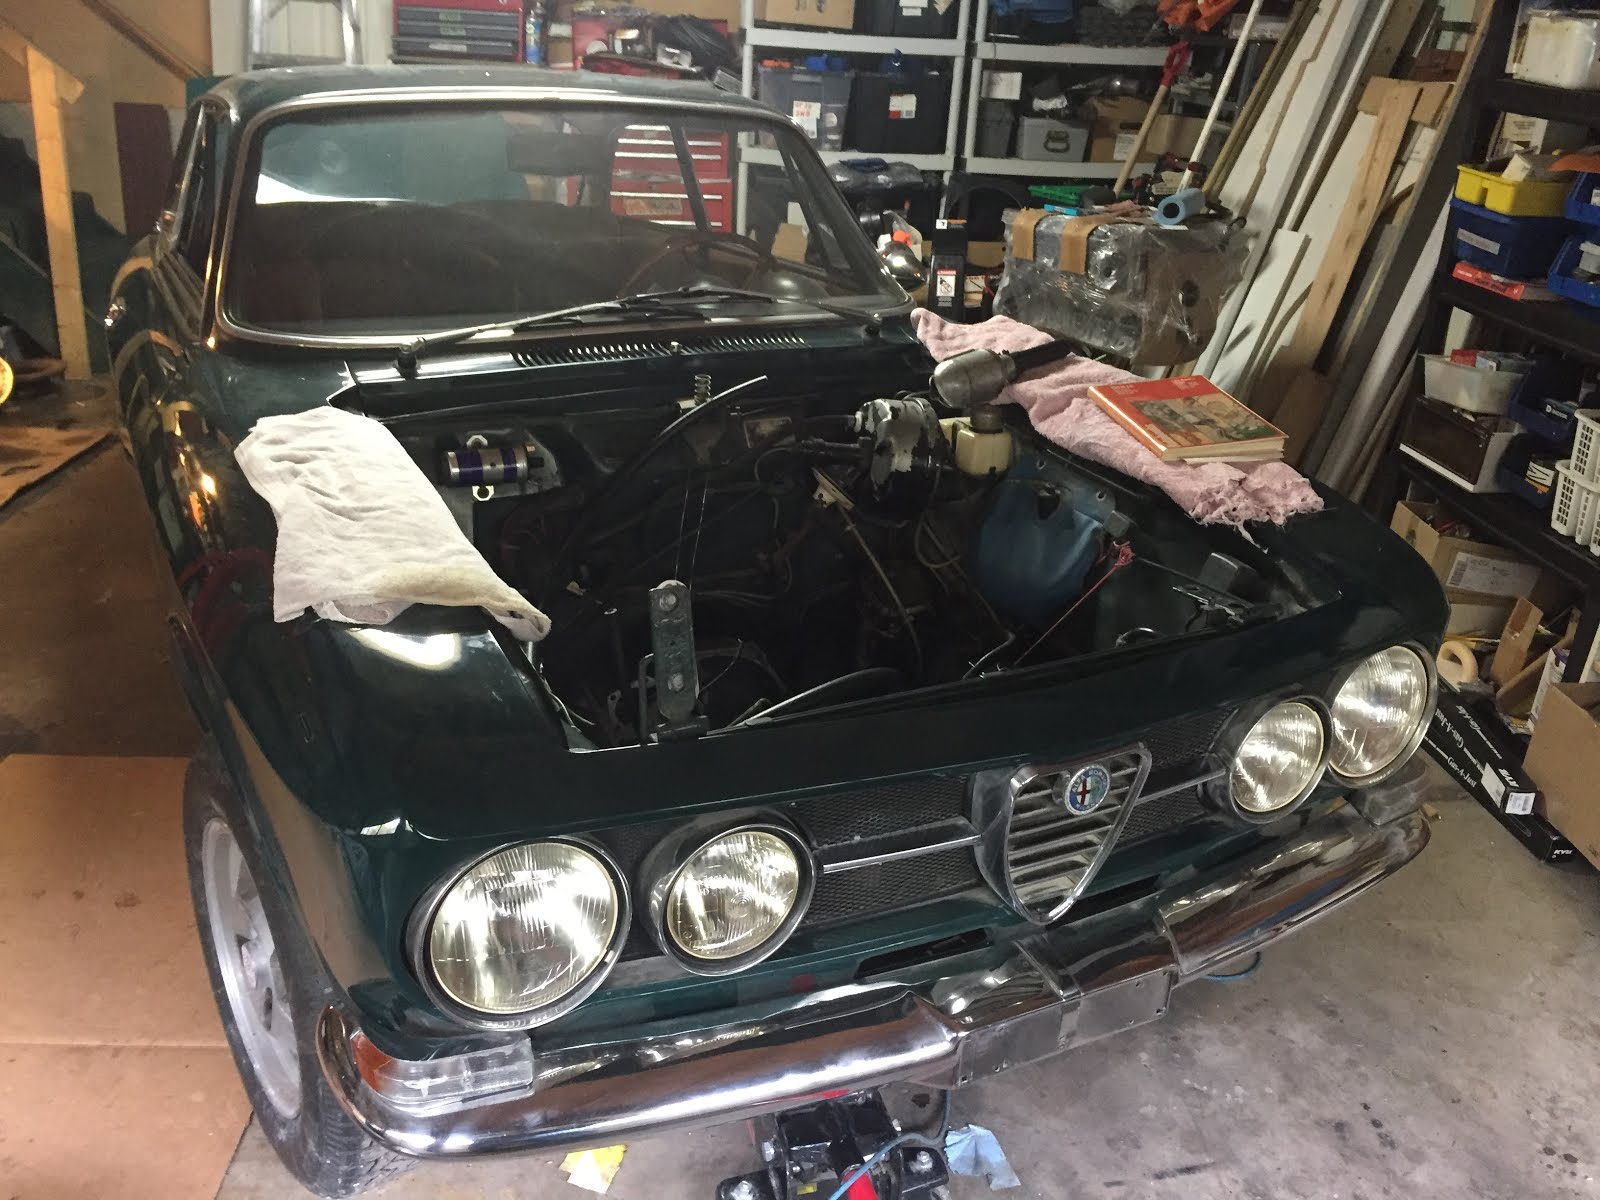 1969 Alfa Romeo 1750 GTV Restoration May 2017